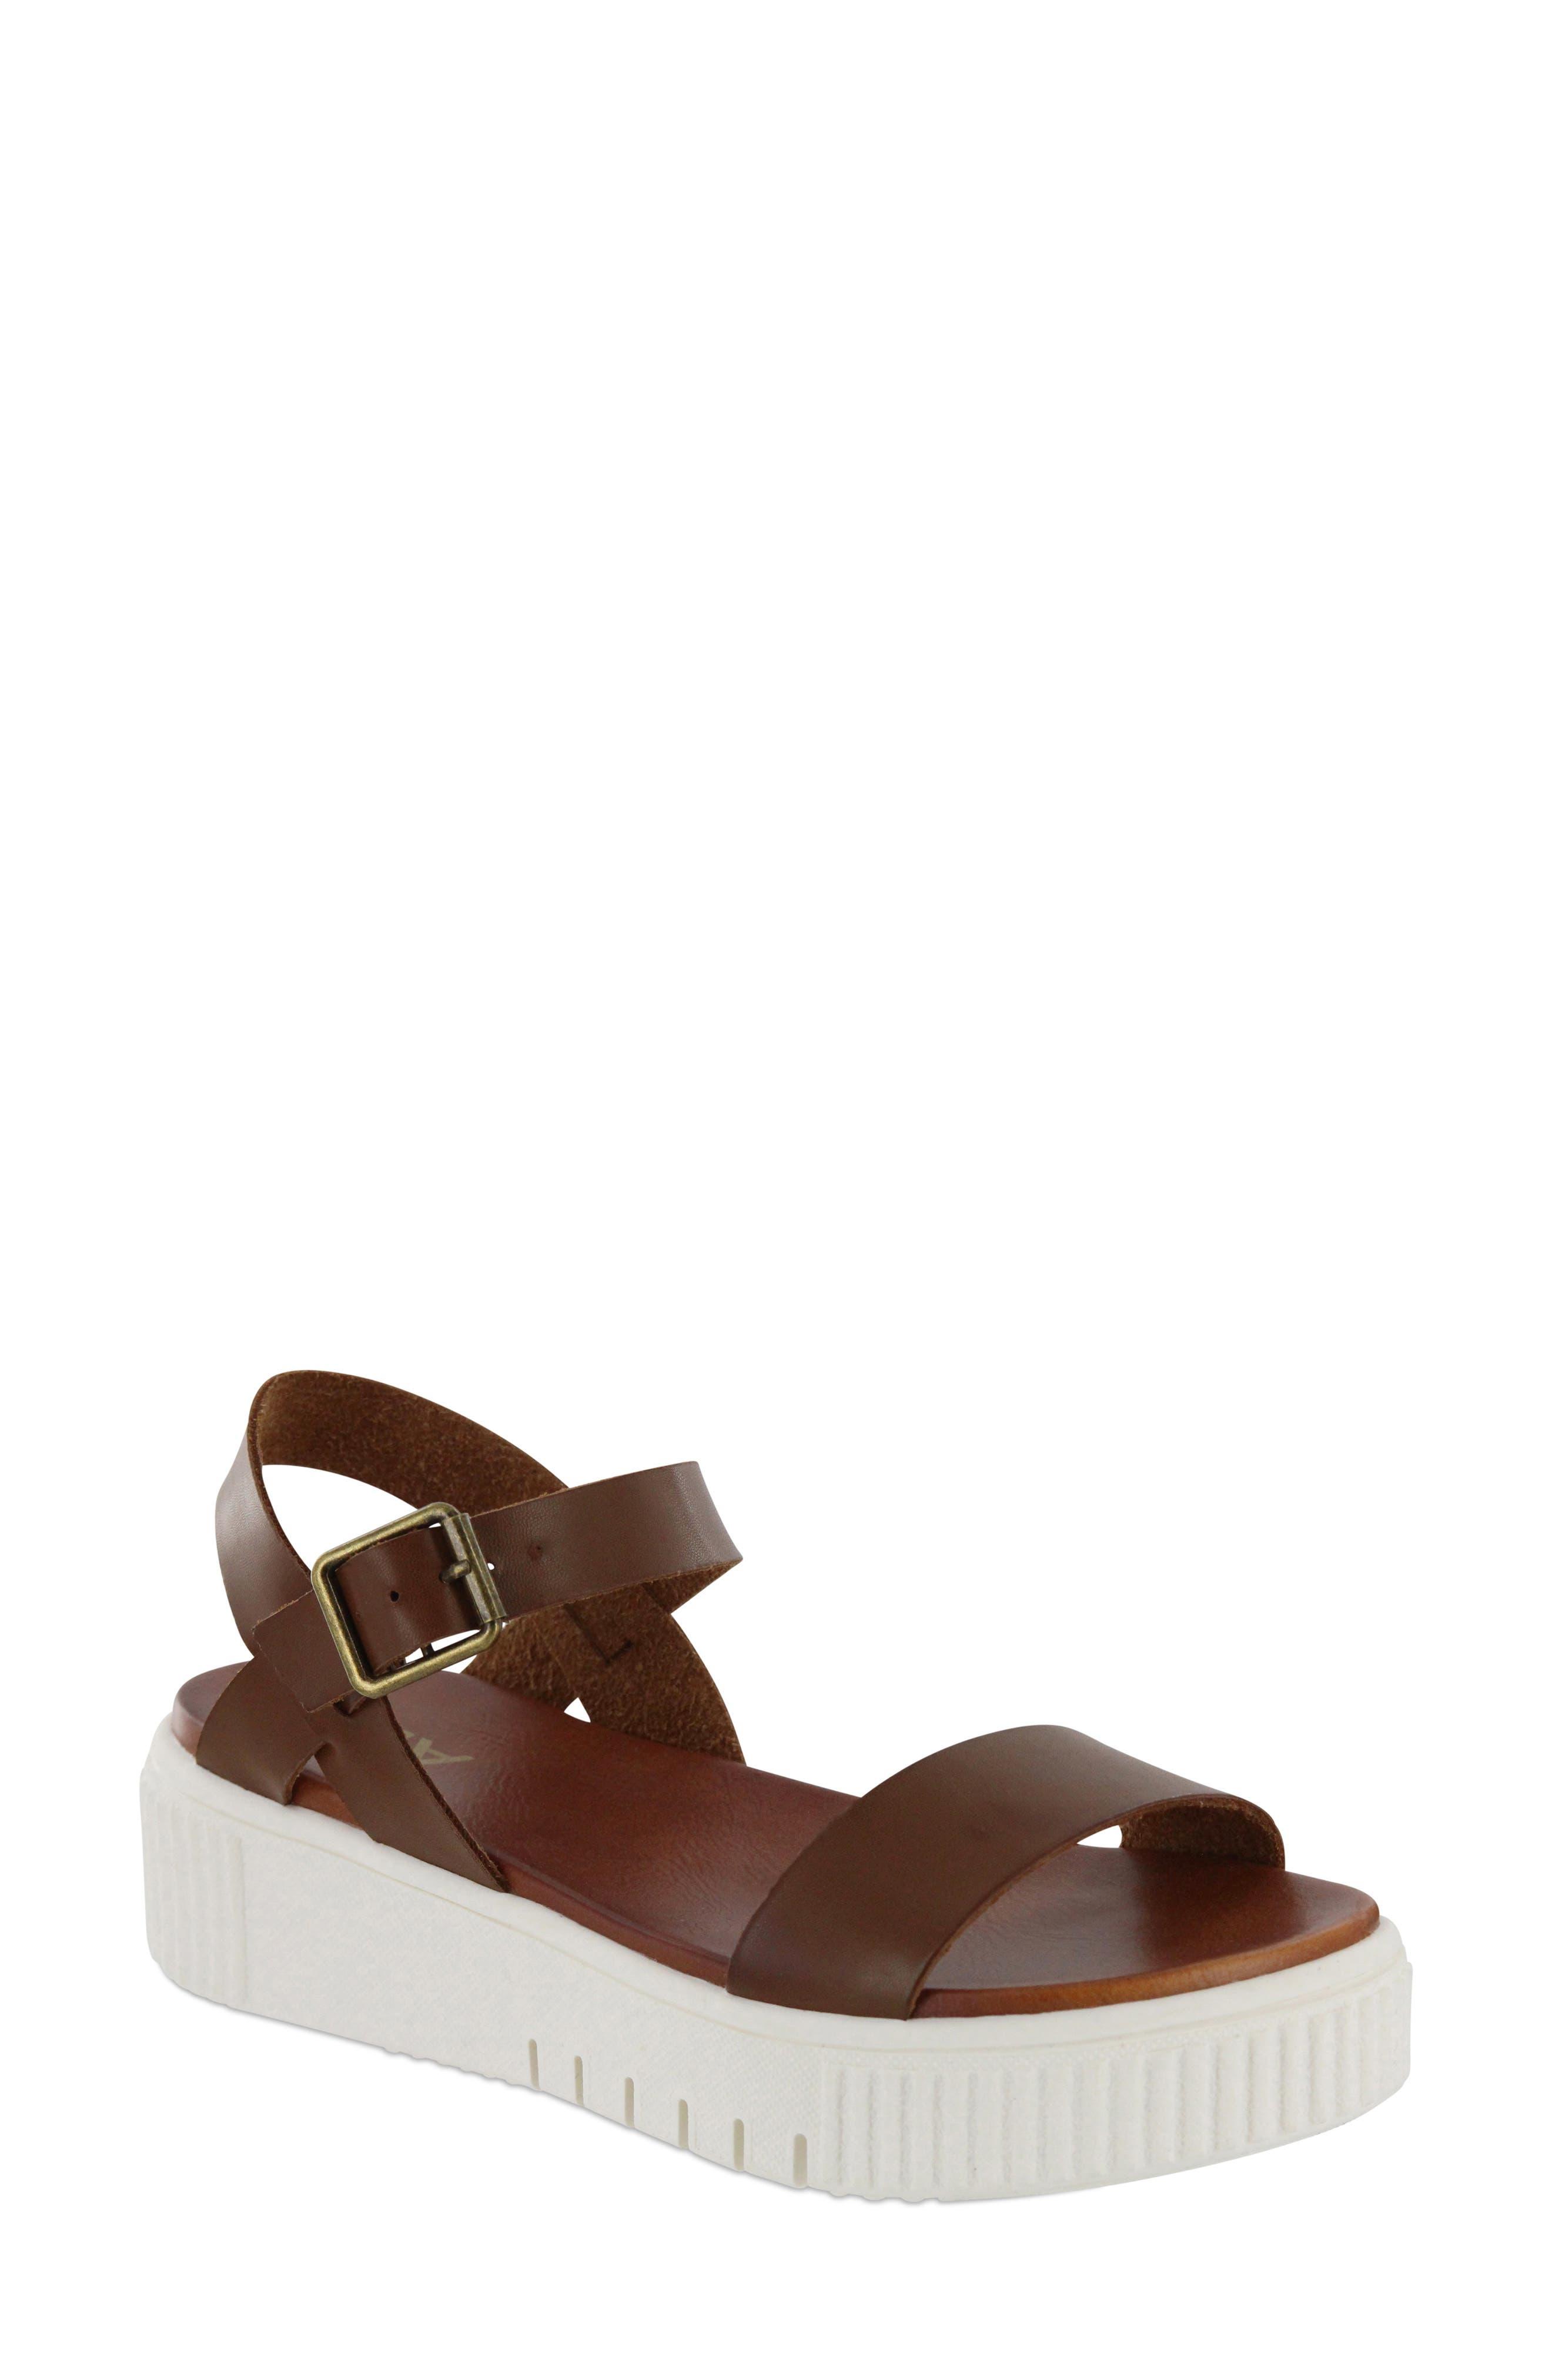 Image of MIA Leanna Platform Sandal